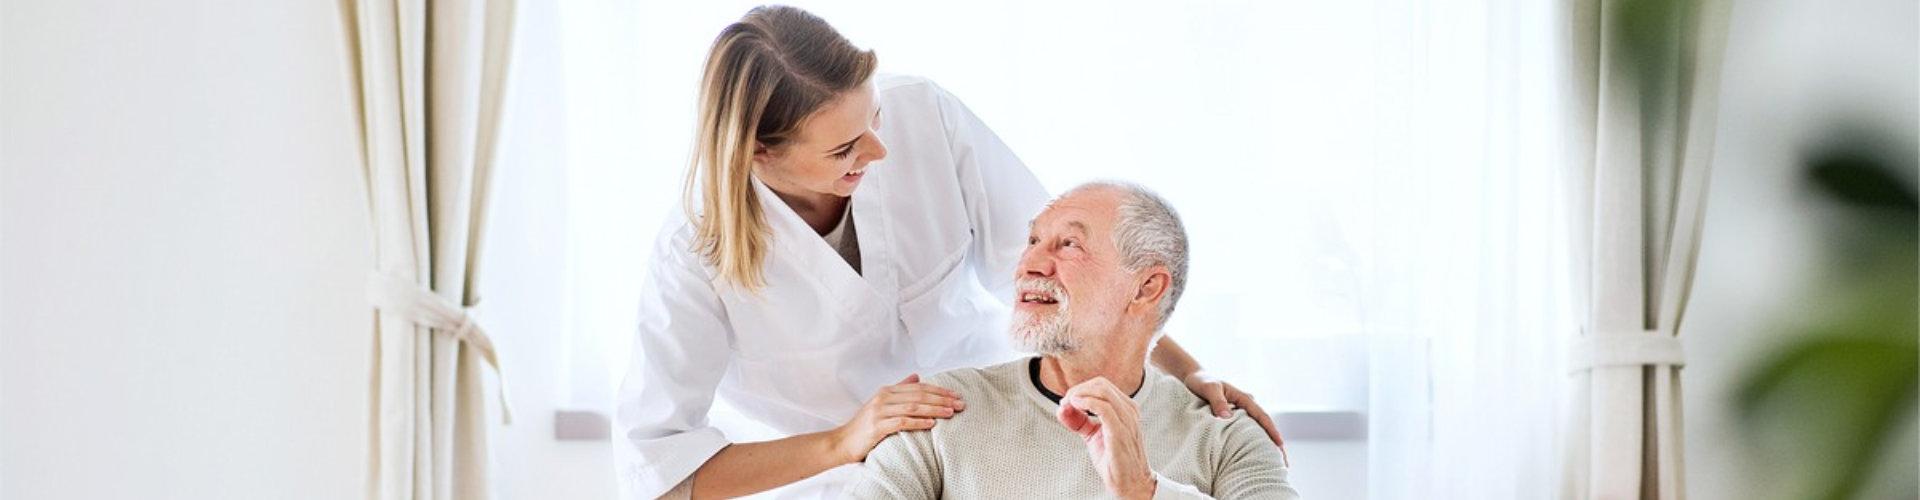 female caregiver hugging senior man